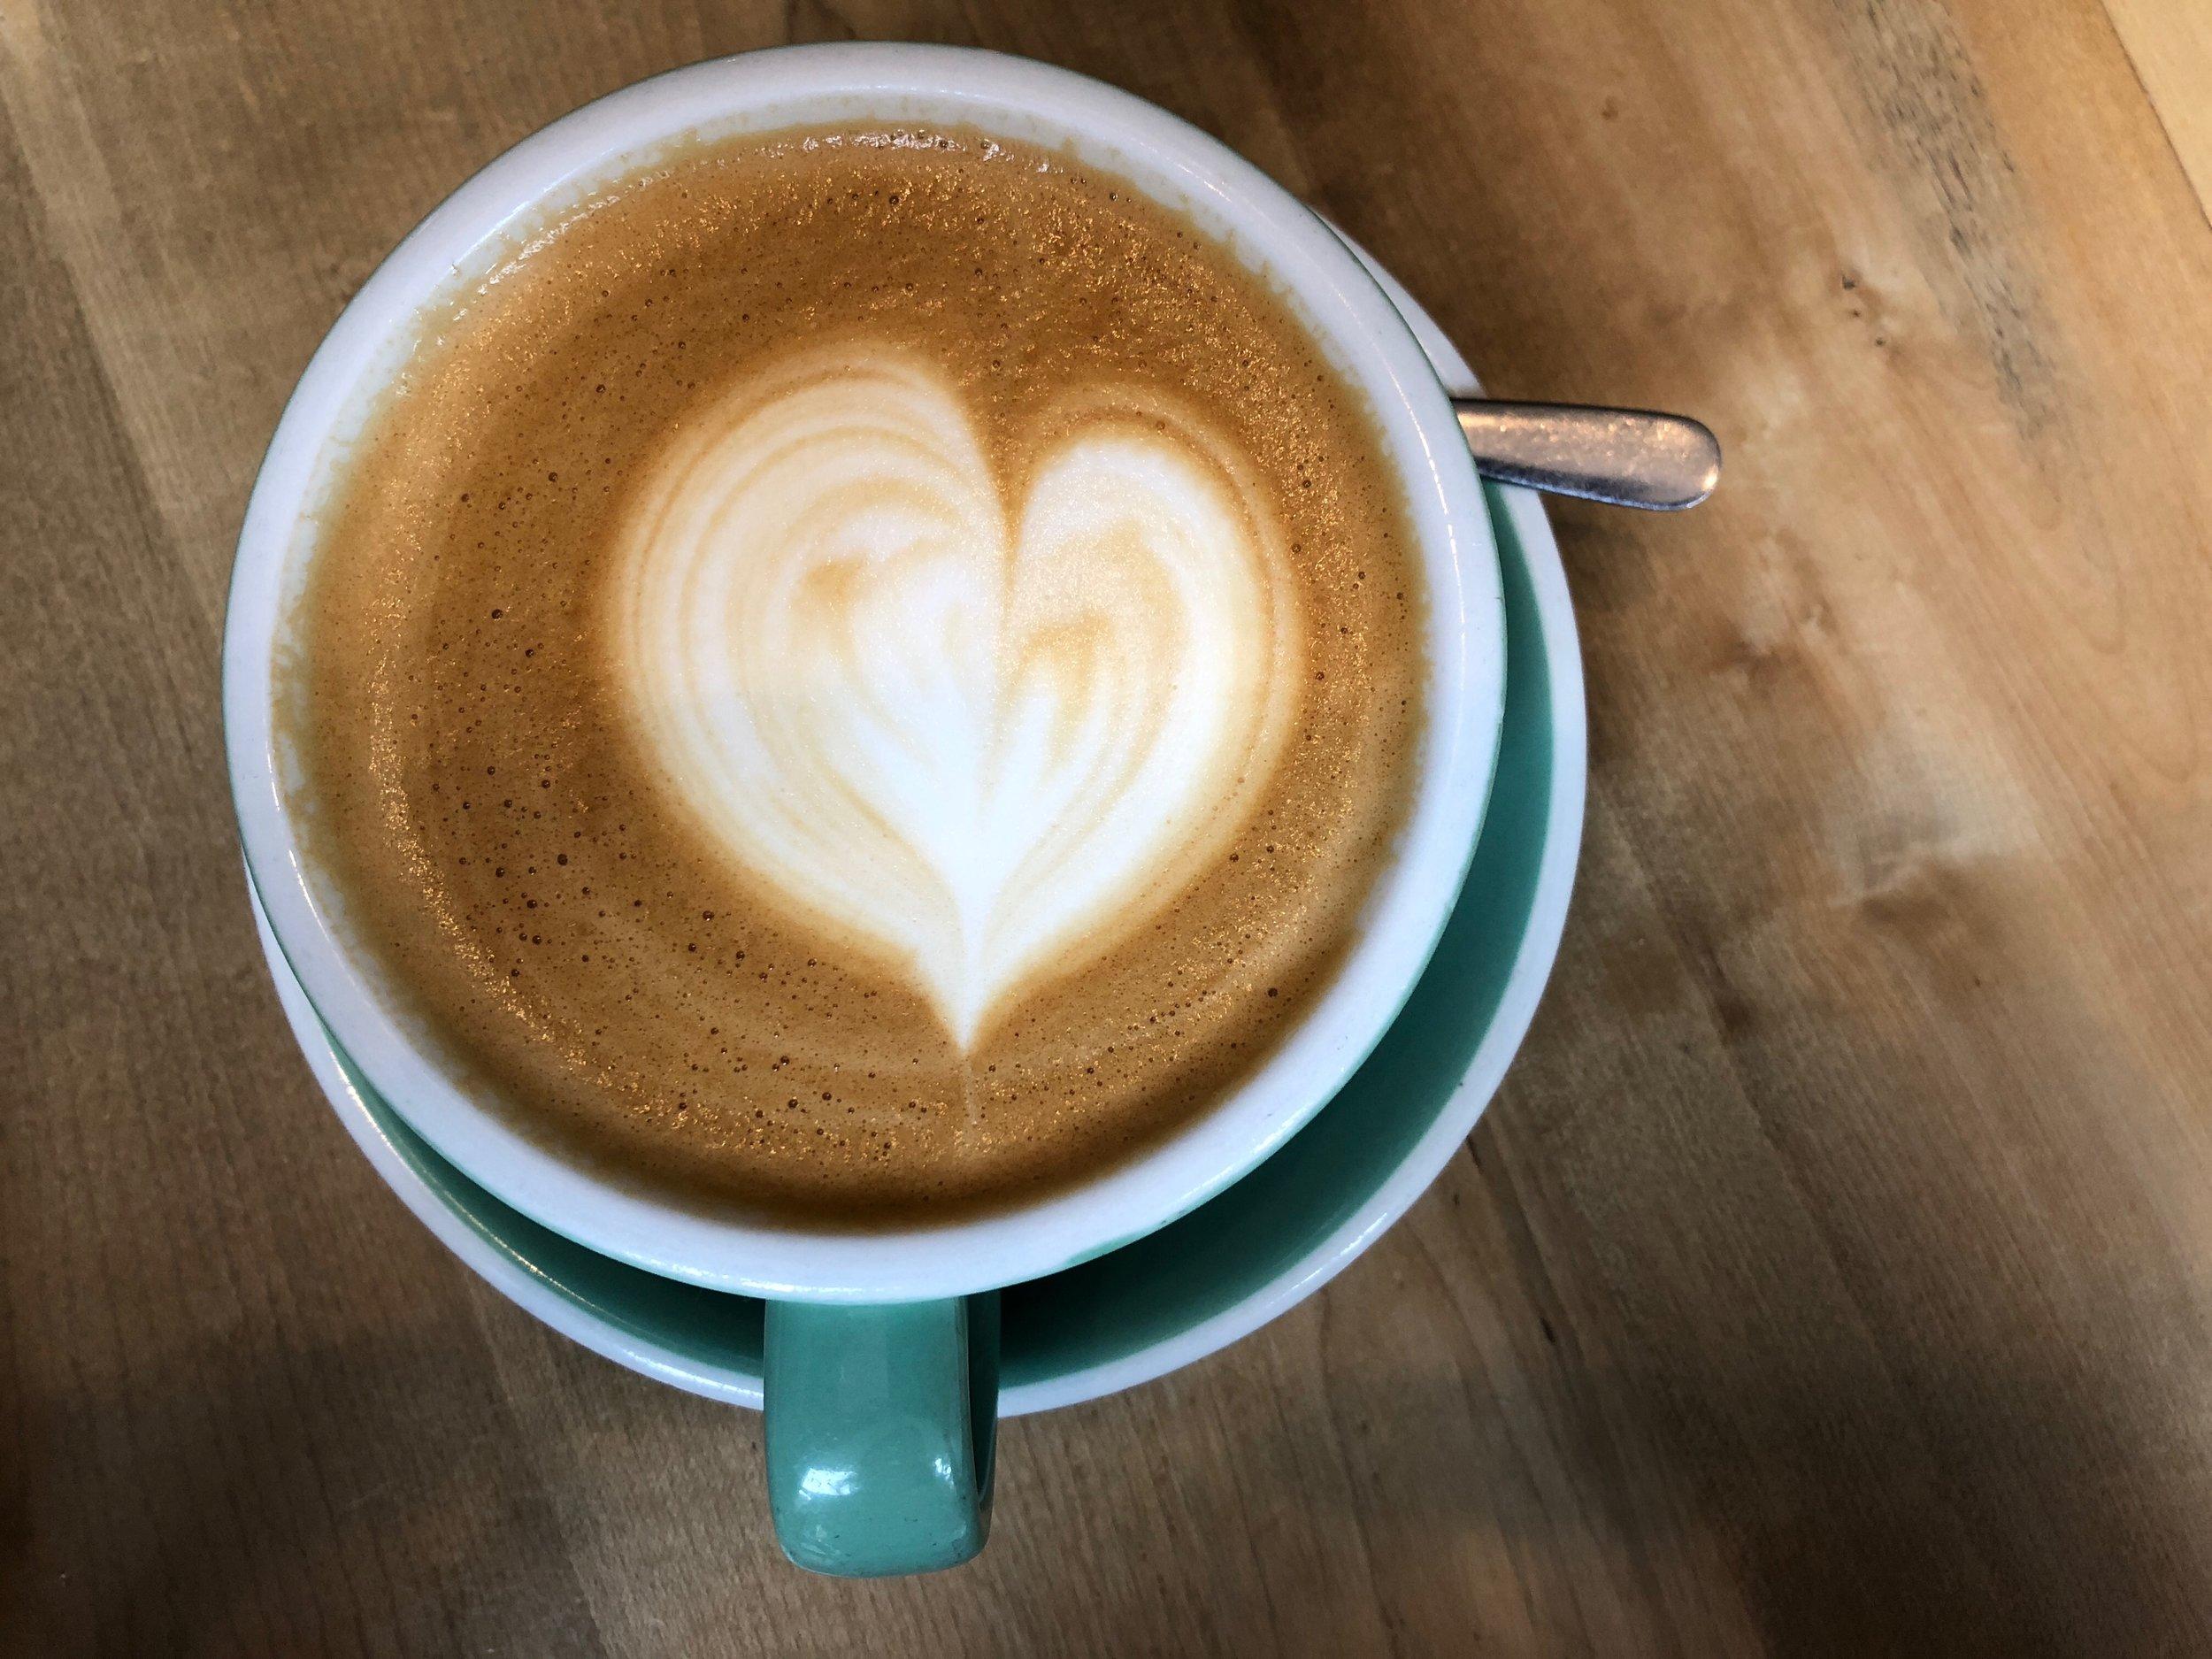 latte at Bard